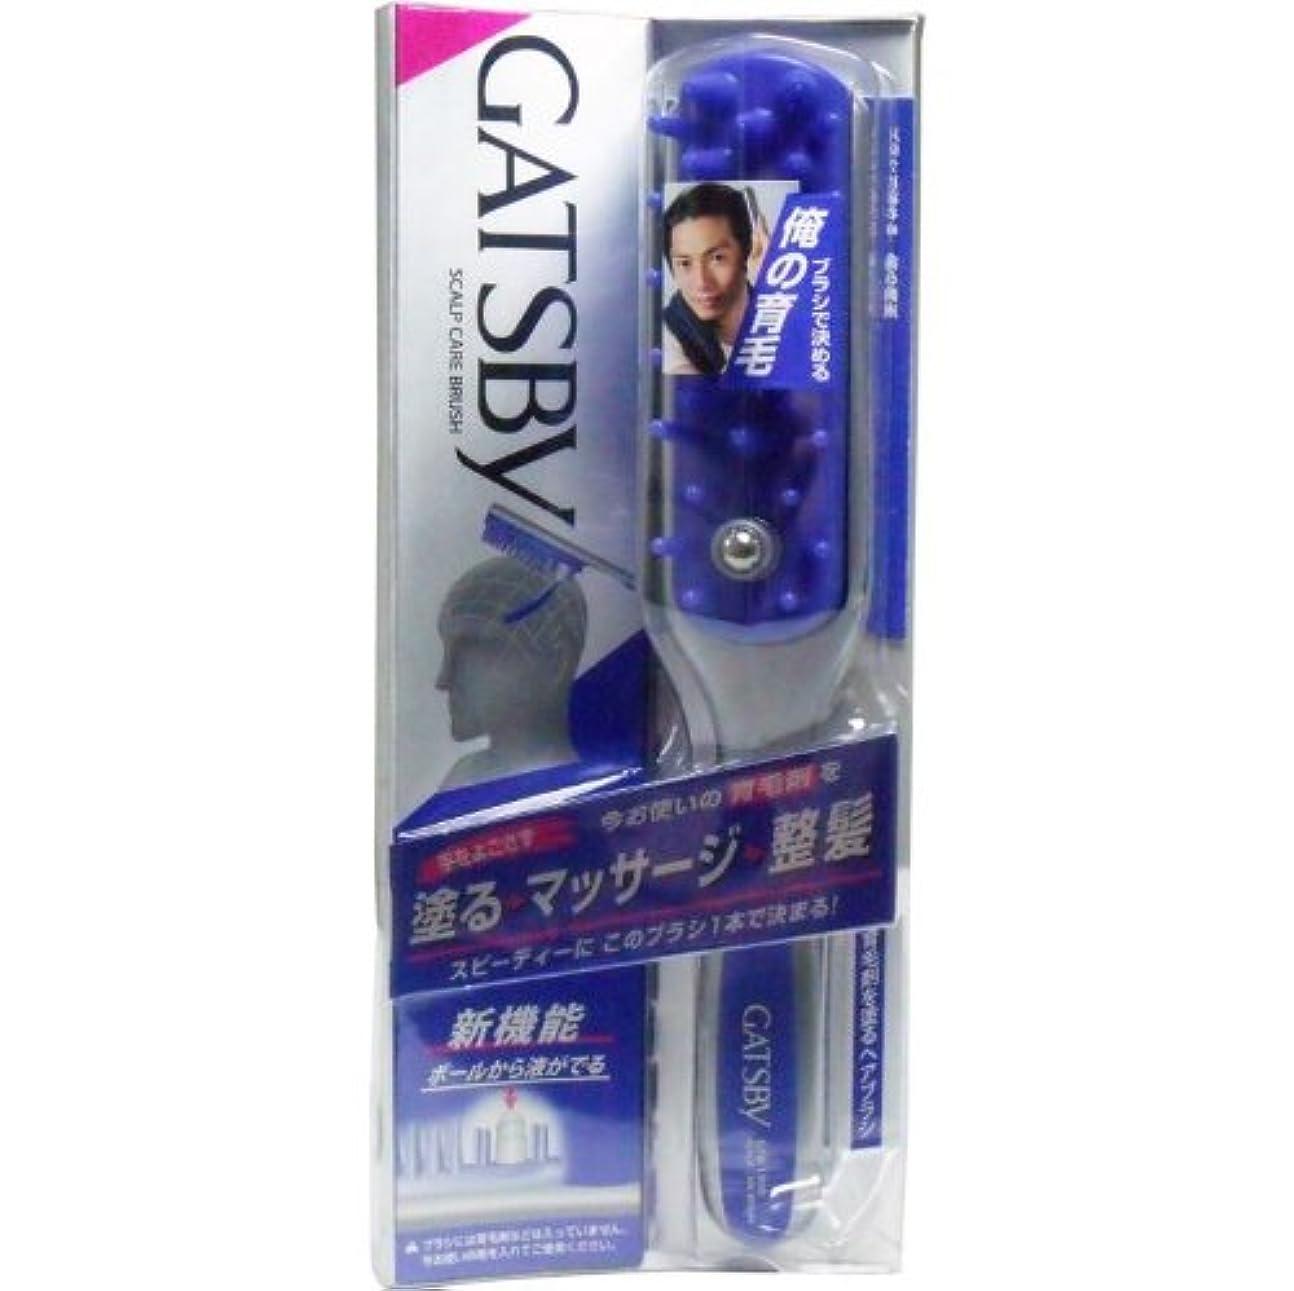 糞耳欠席ギャツビー 育毛剤を塗るヘアブラシ GTB-1800【3個セット】